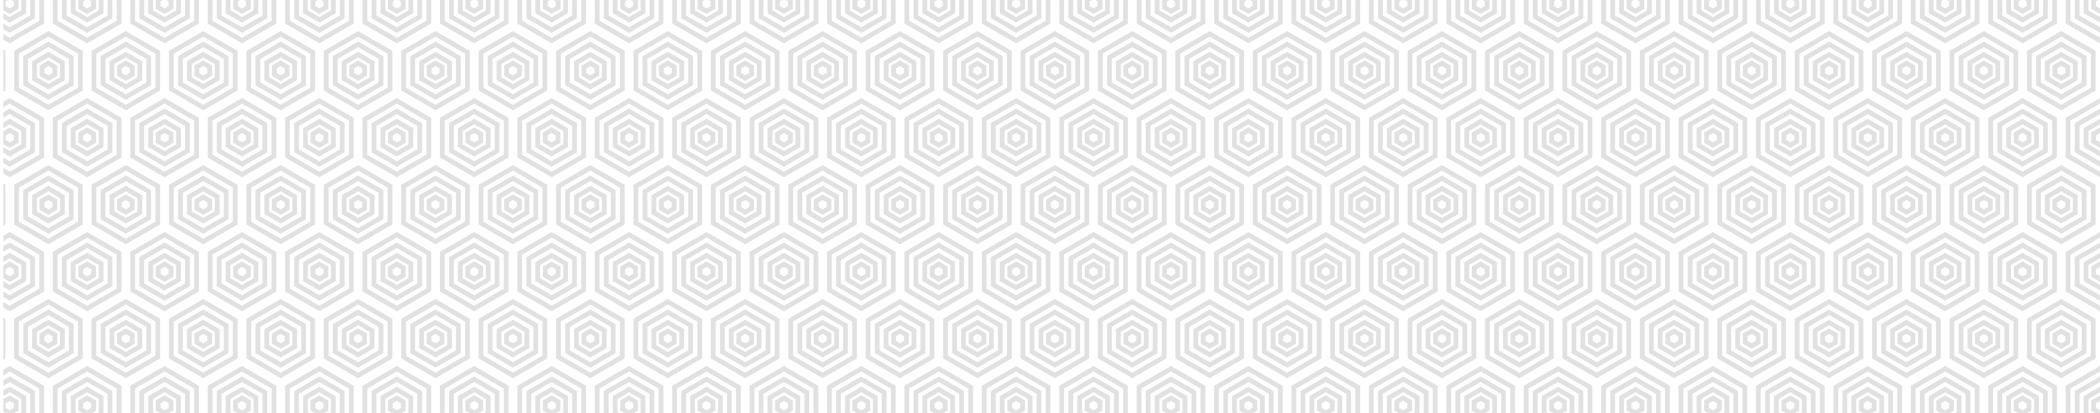 designpattern-envelopes2.jpg